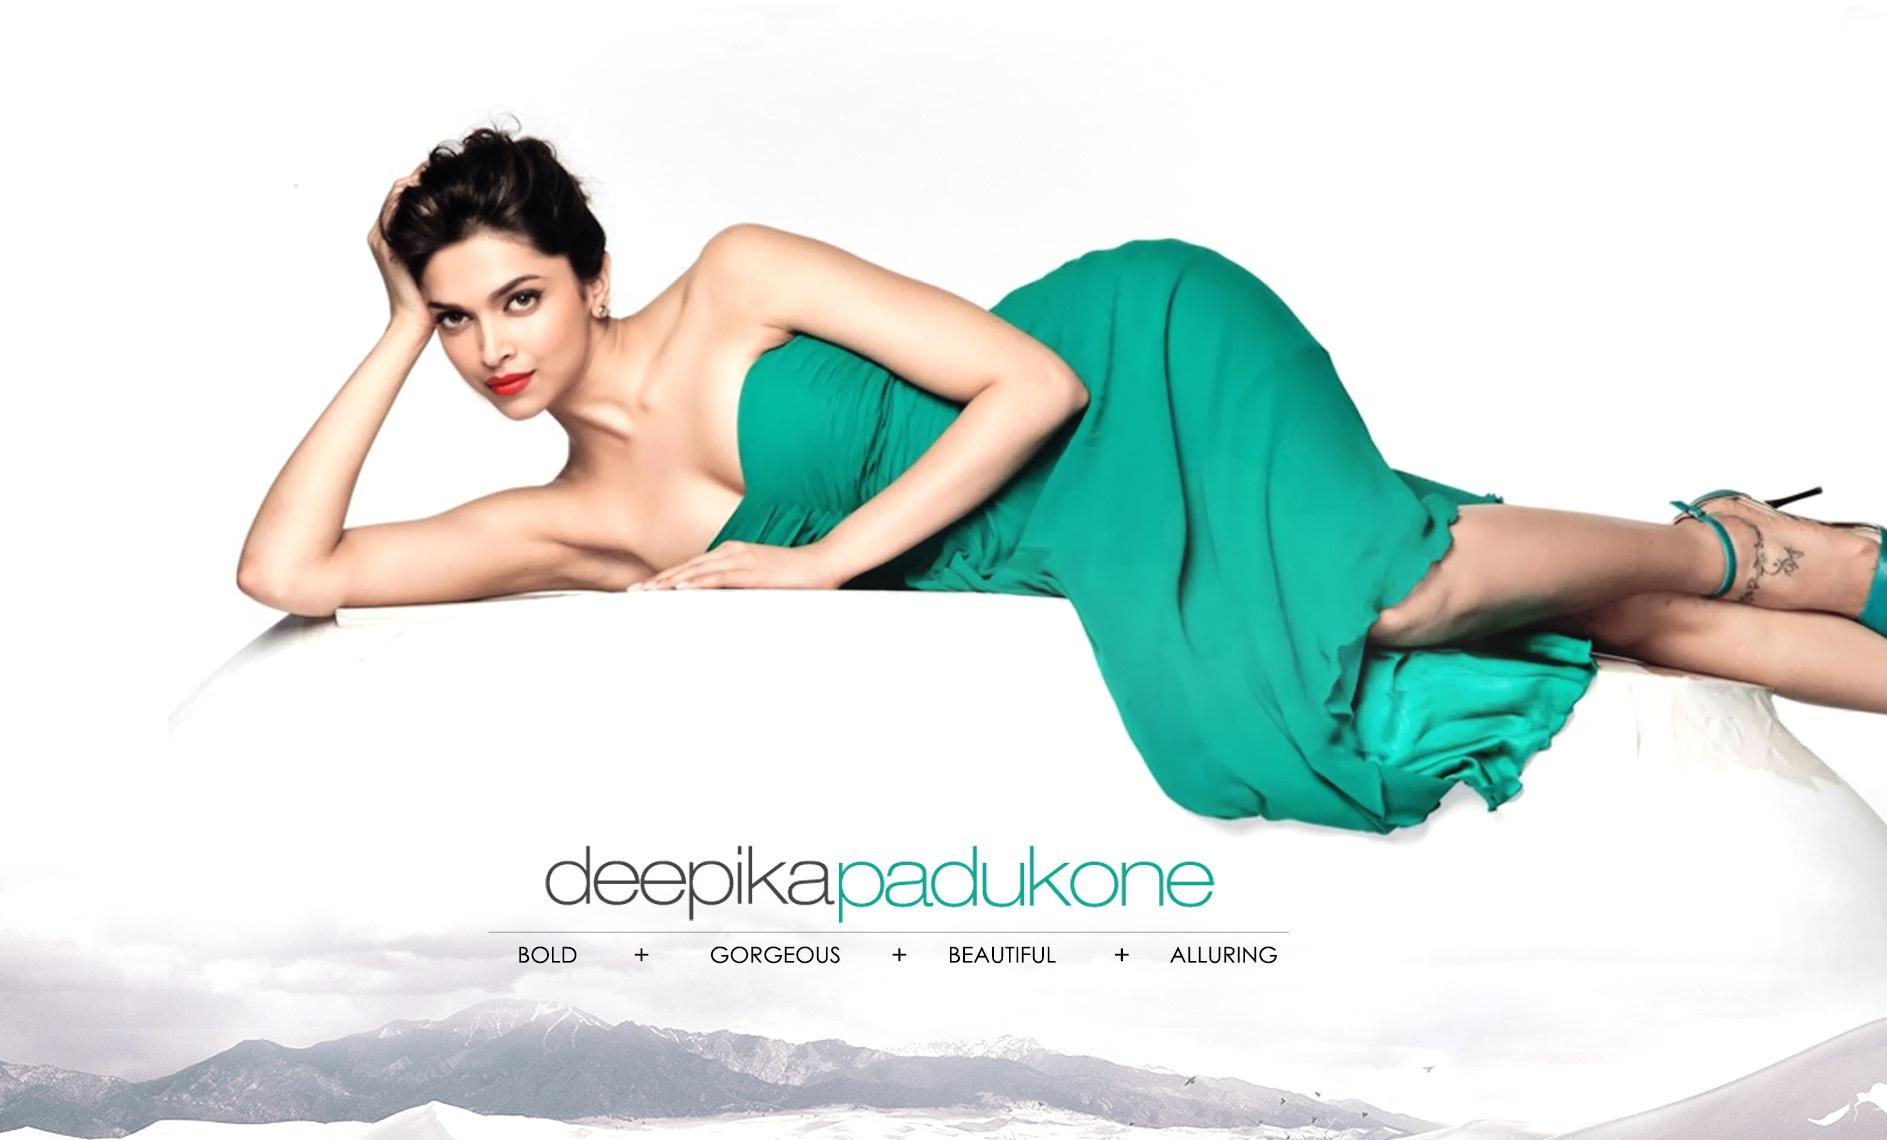 Deepika Padukone Hot Indian Actress Hd Wallpaper , HD Wallpaper & Backgrounds